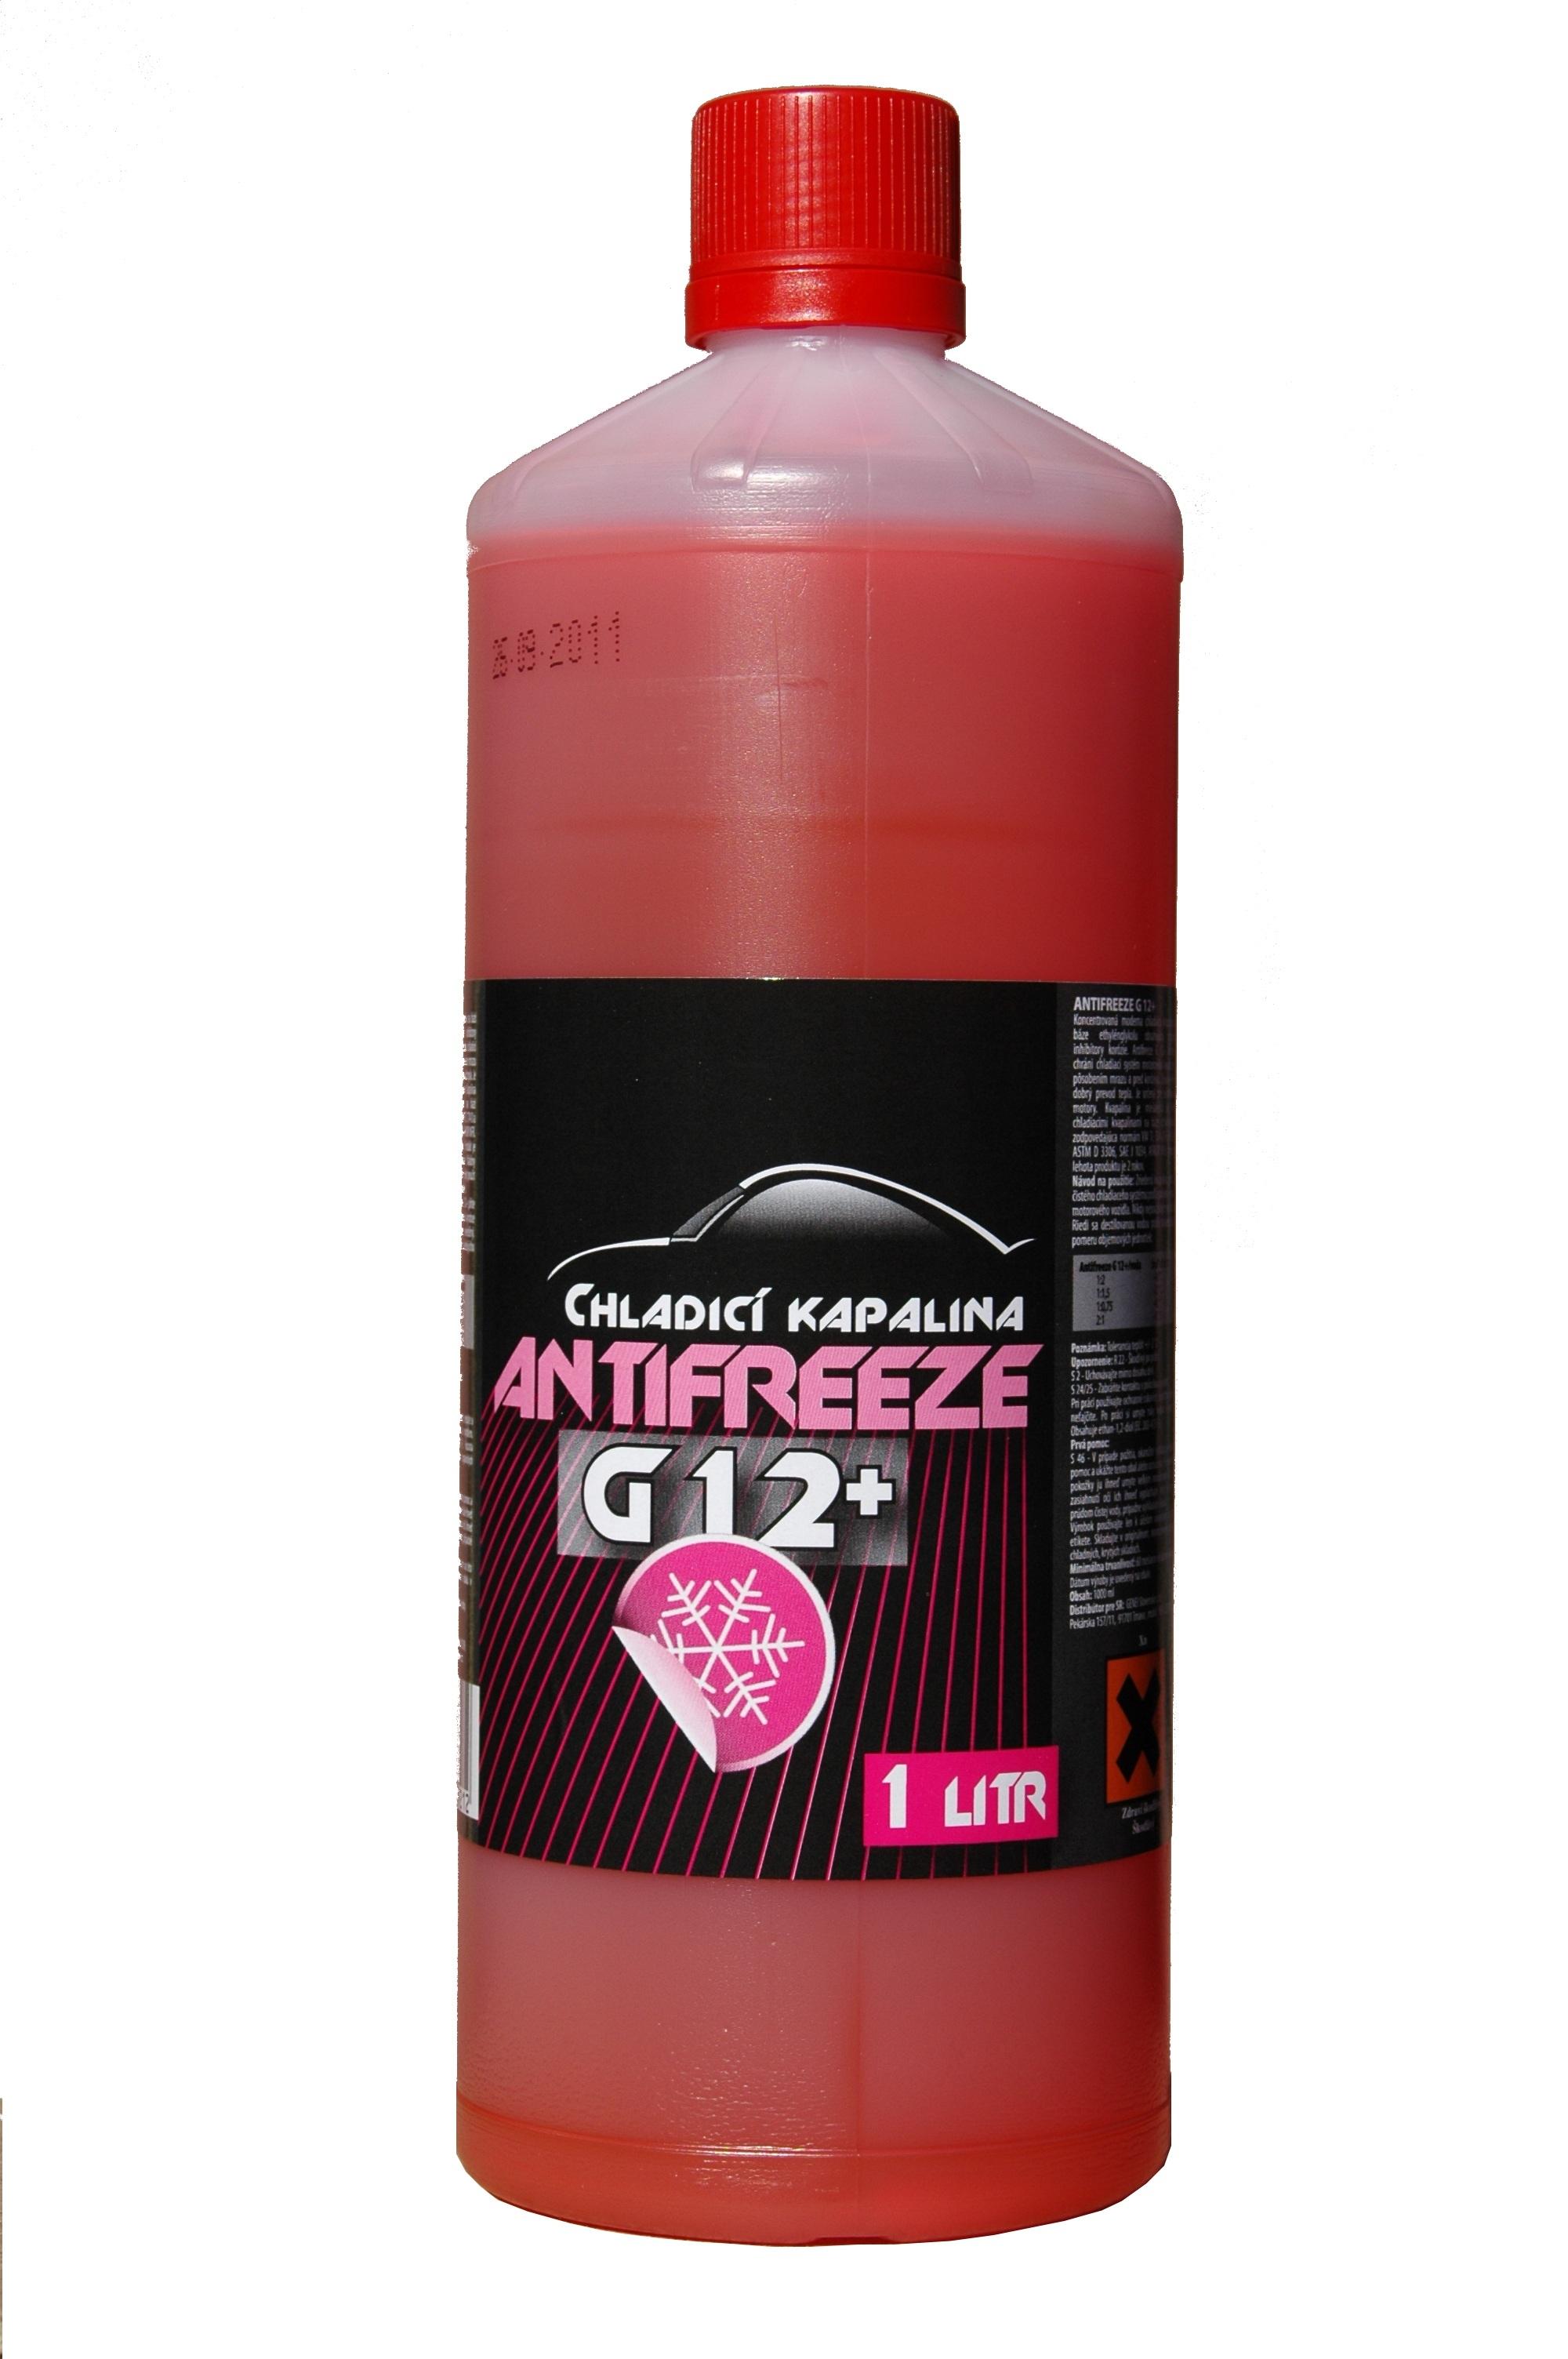 Chladící kapalina G12+, nemrznoucí směs do chladiče červená